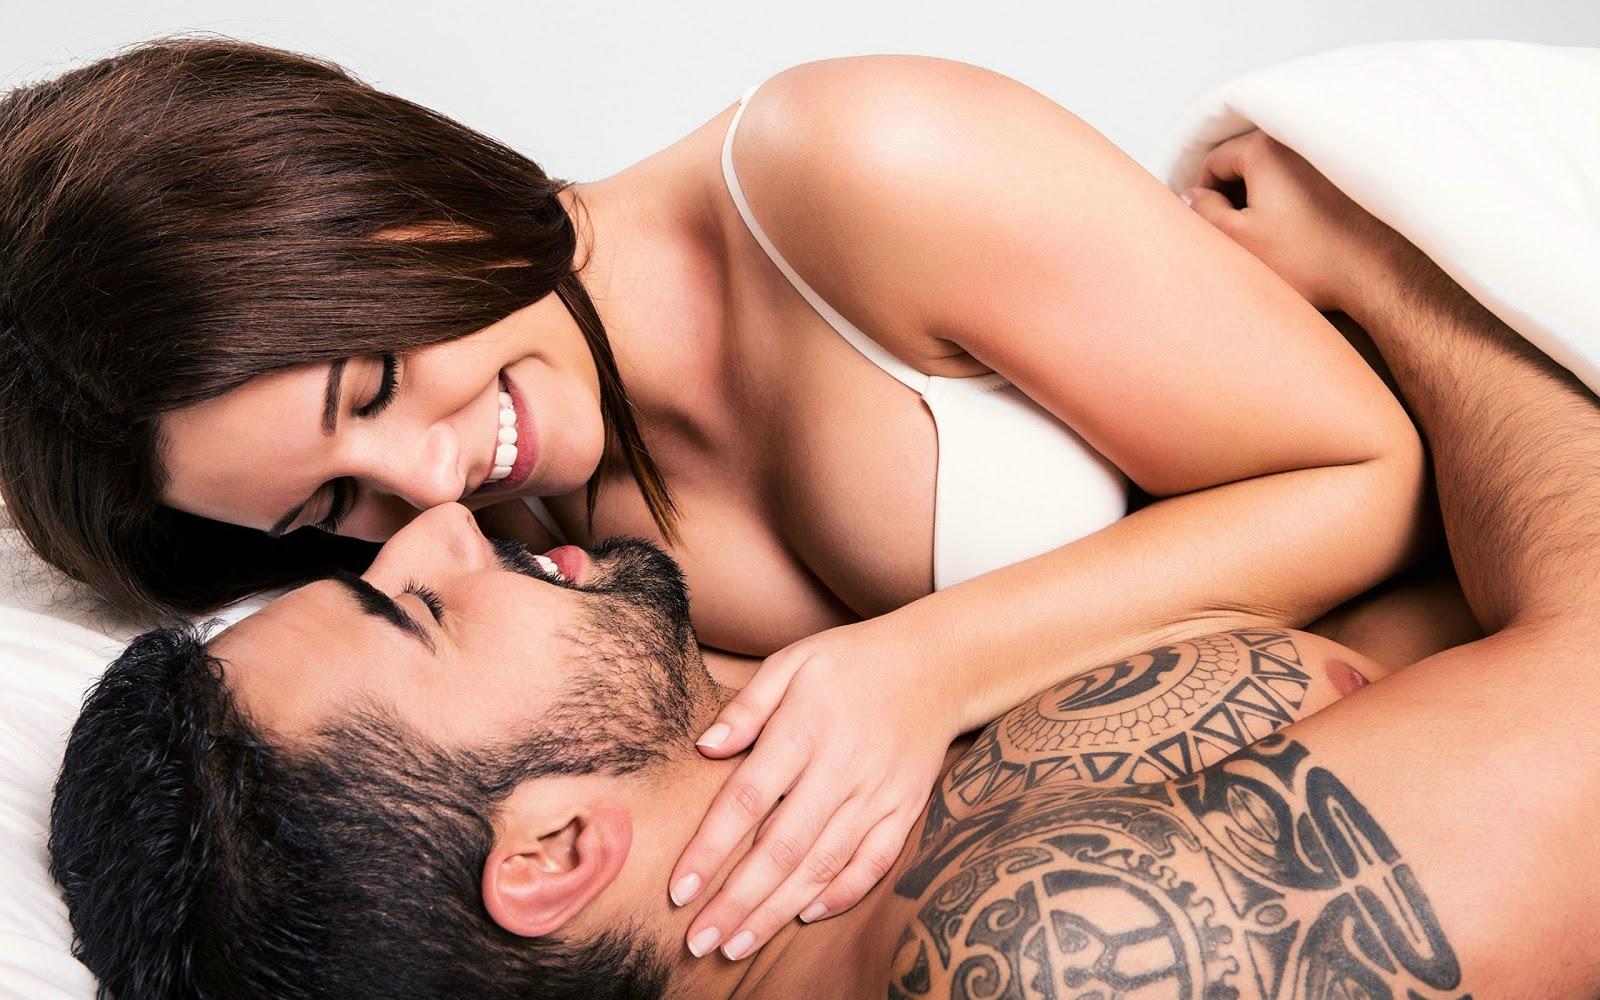 Couples seduce girls, xxxhard sexy fat woman black and white